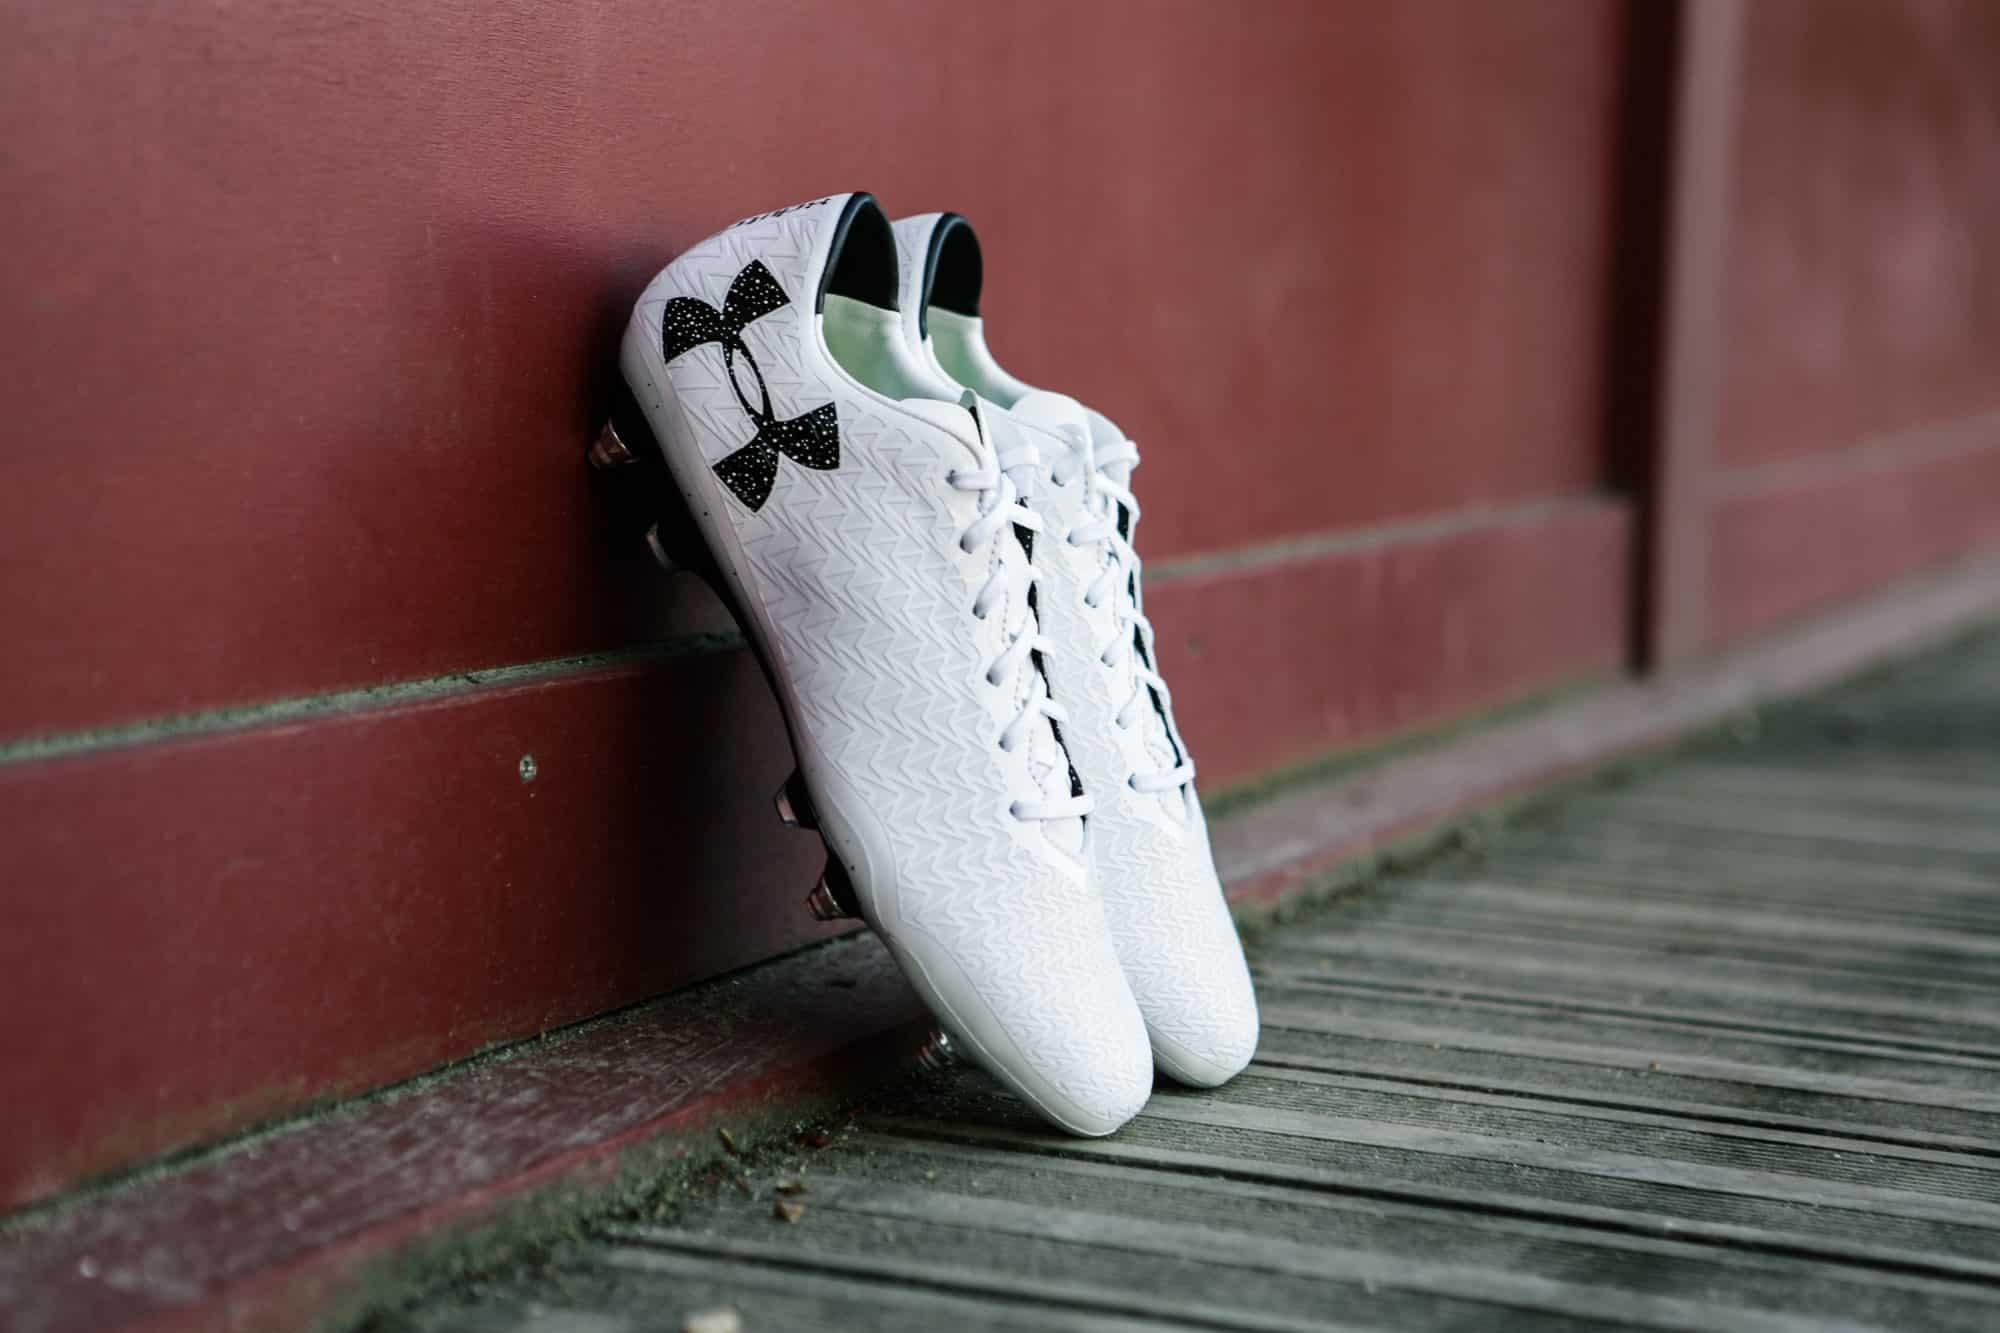 test-chaussure-football-under-armour-clutchfit-2-min